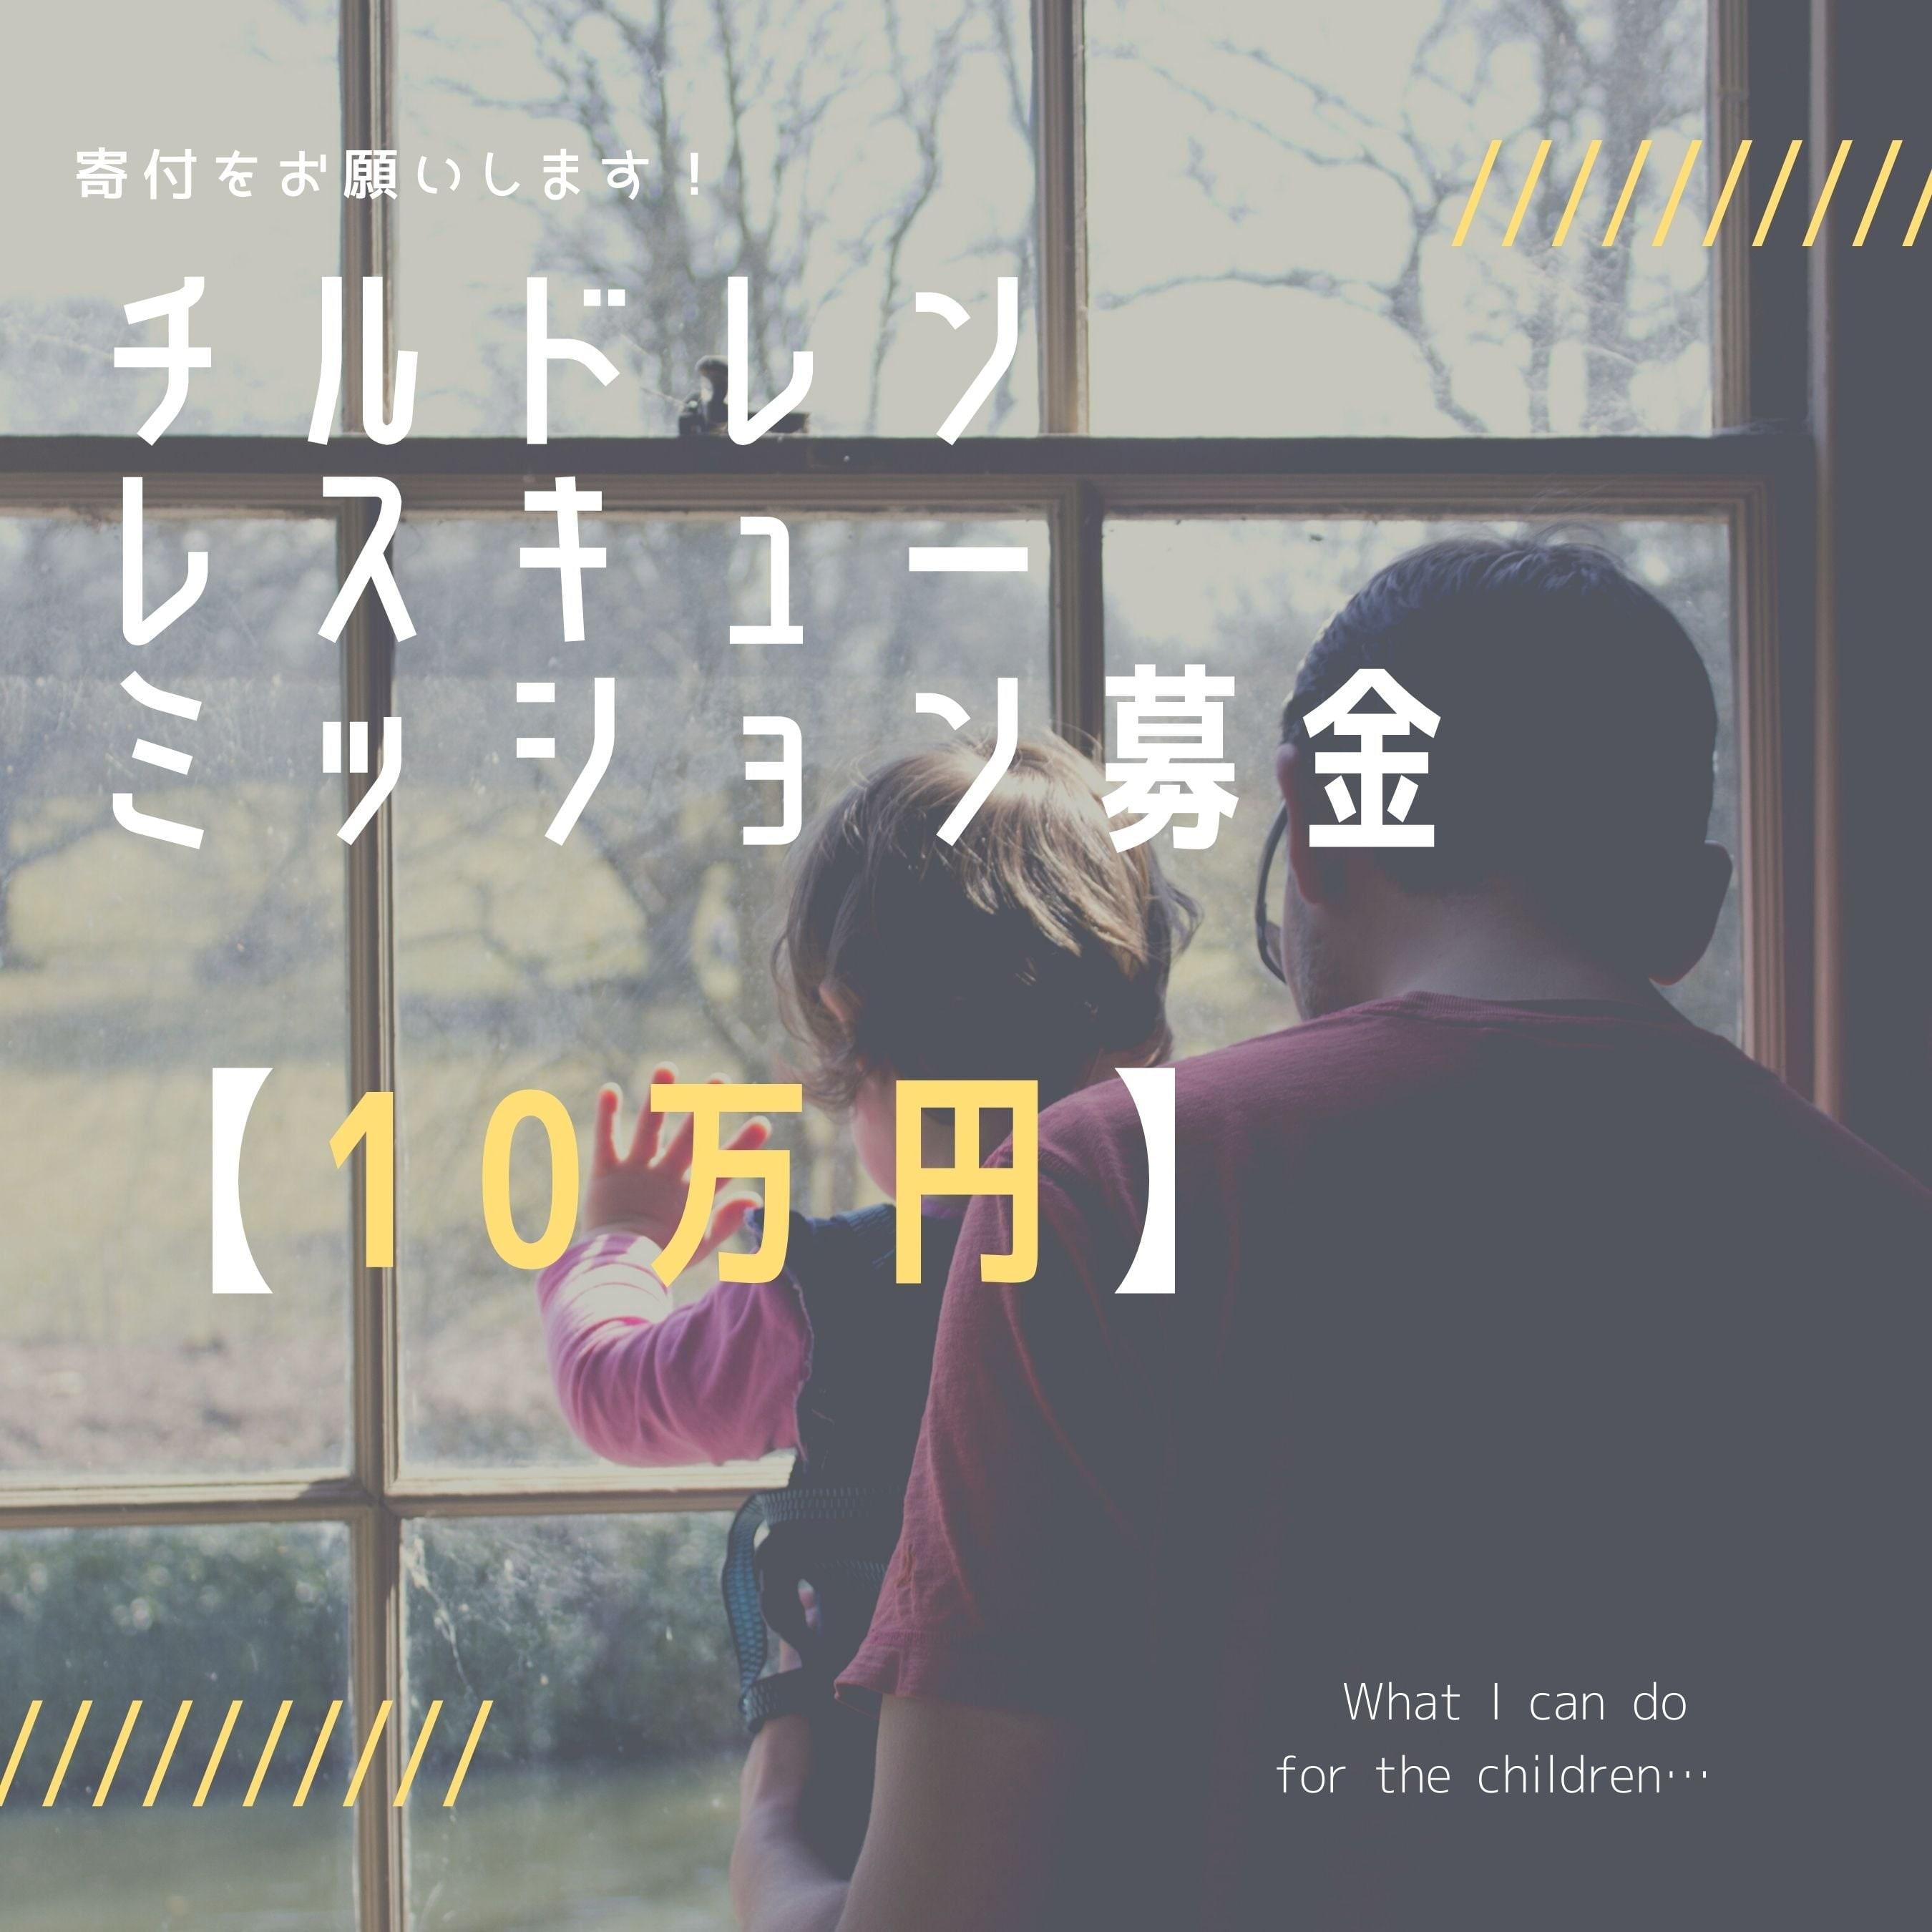 【10万円】チルドレンレスキューミッション(改装工事のための寄付チケット)のイメージその1